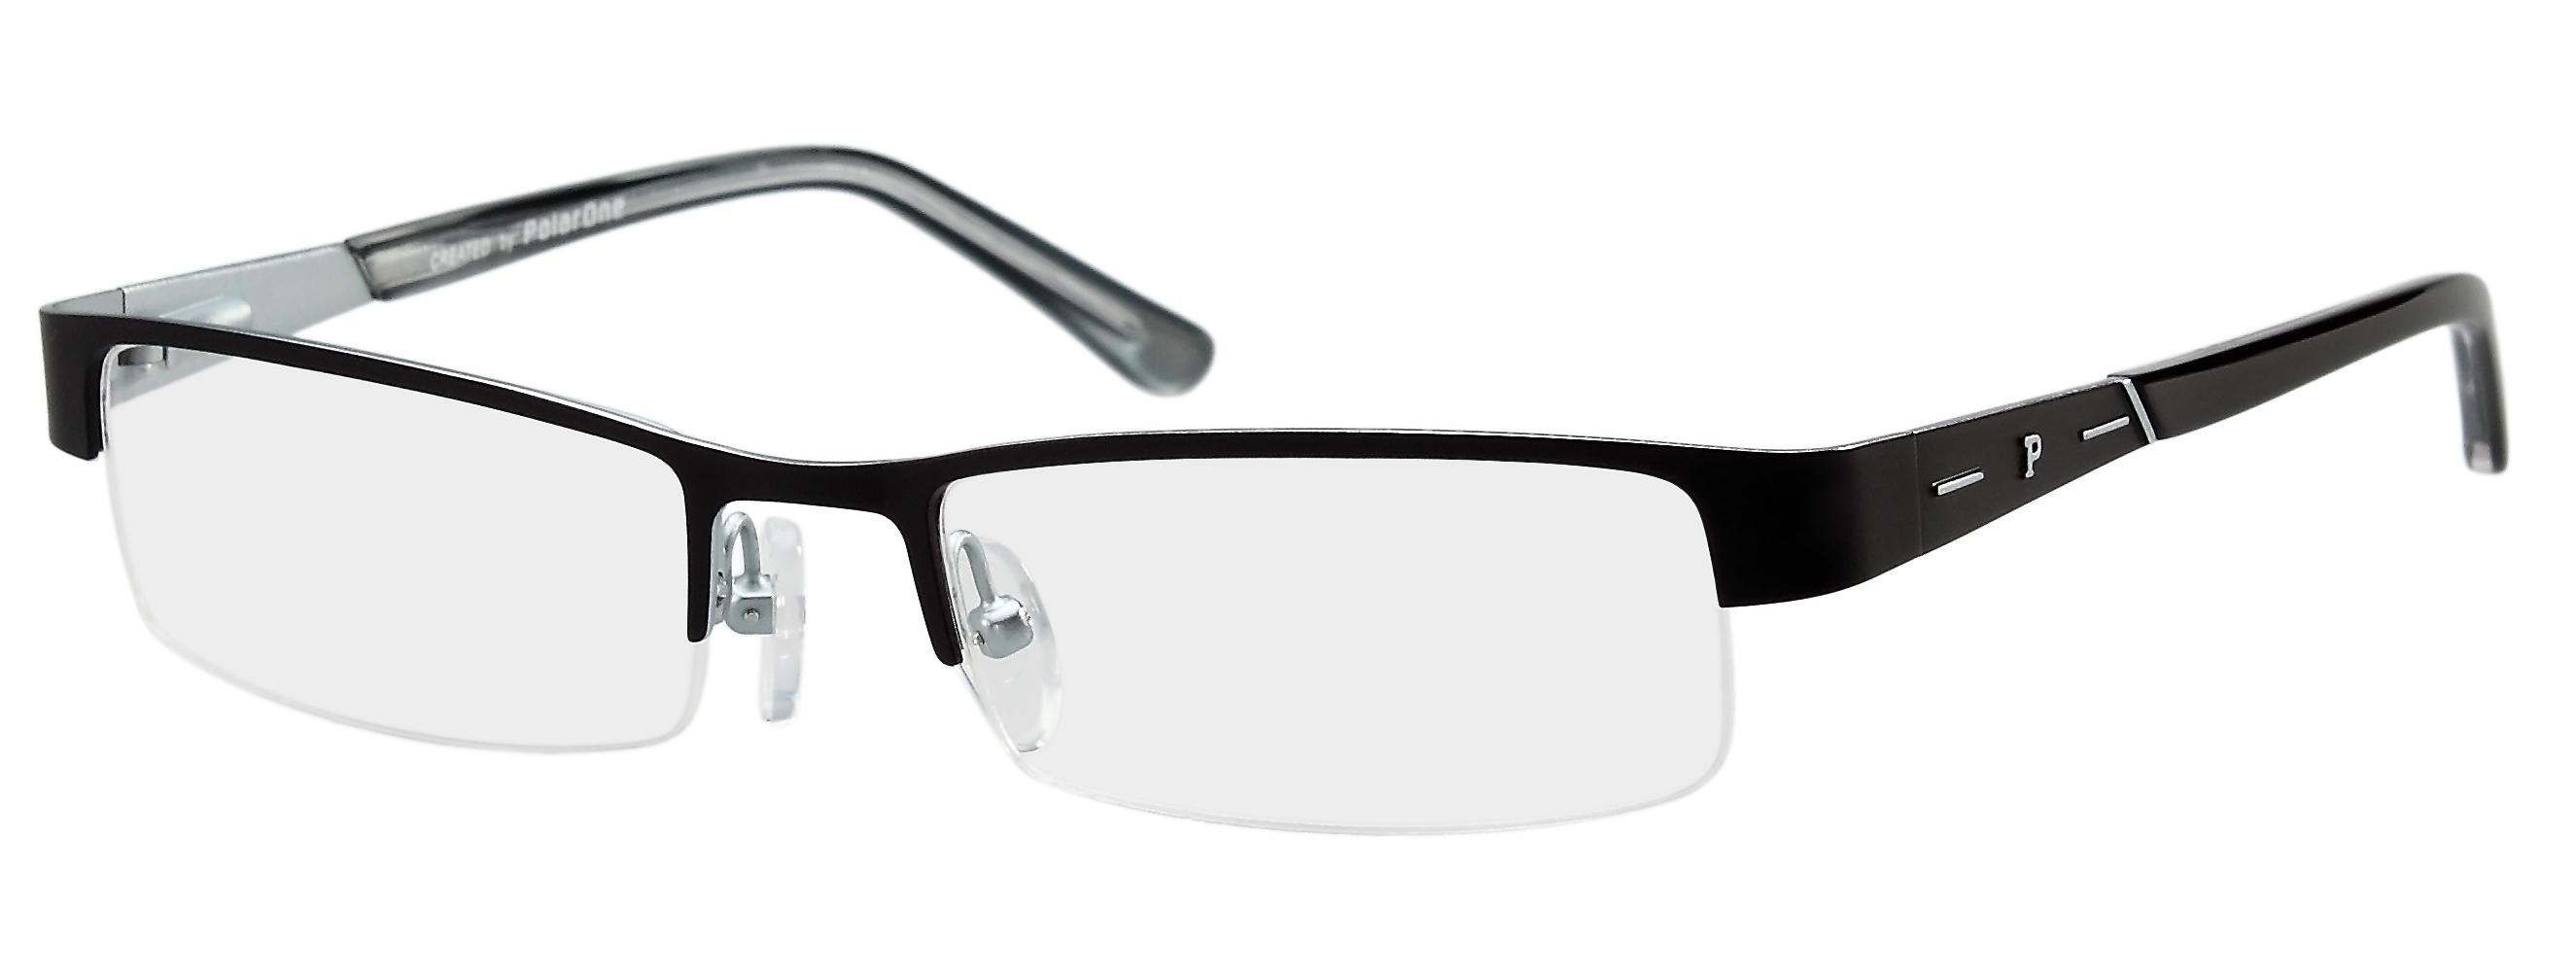 眼镜图片ps处理